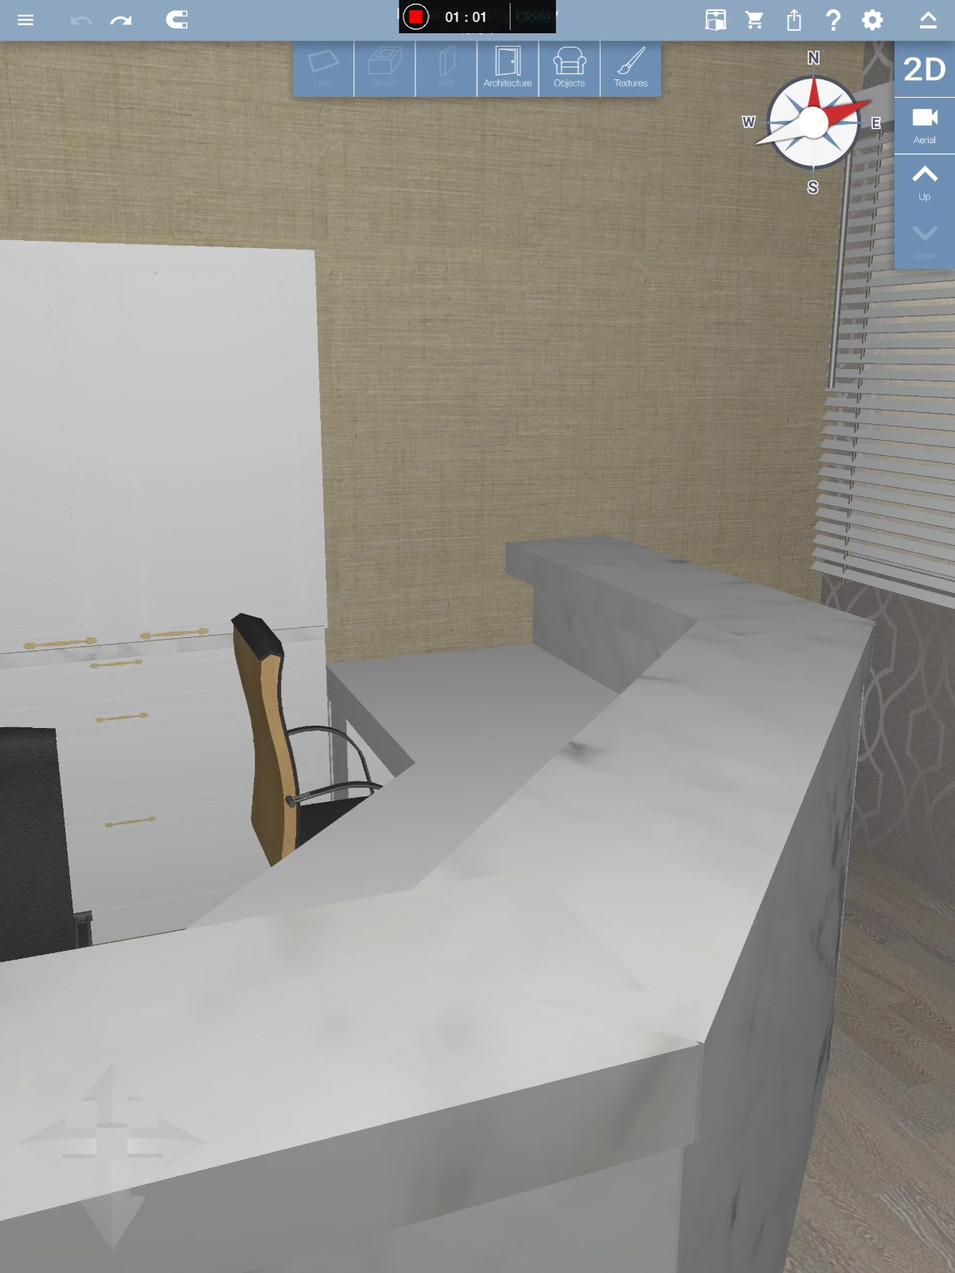 3D walkthrough